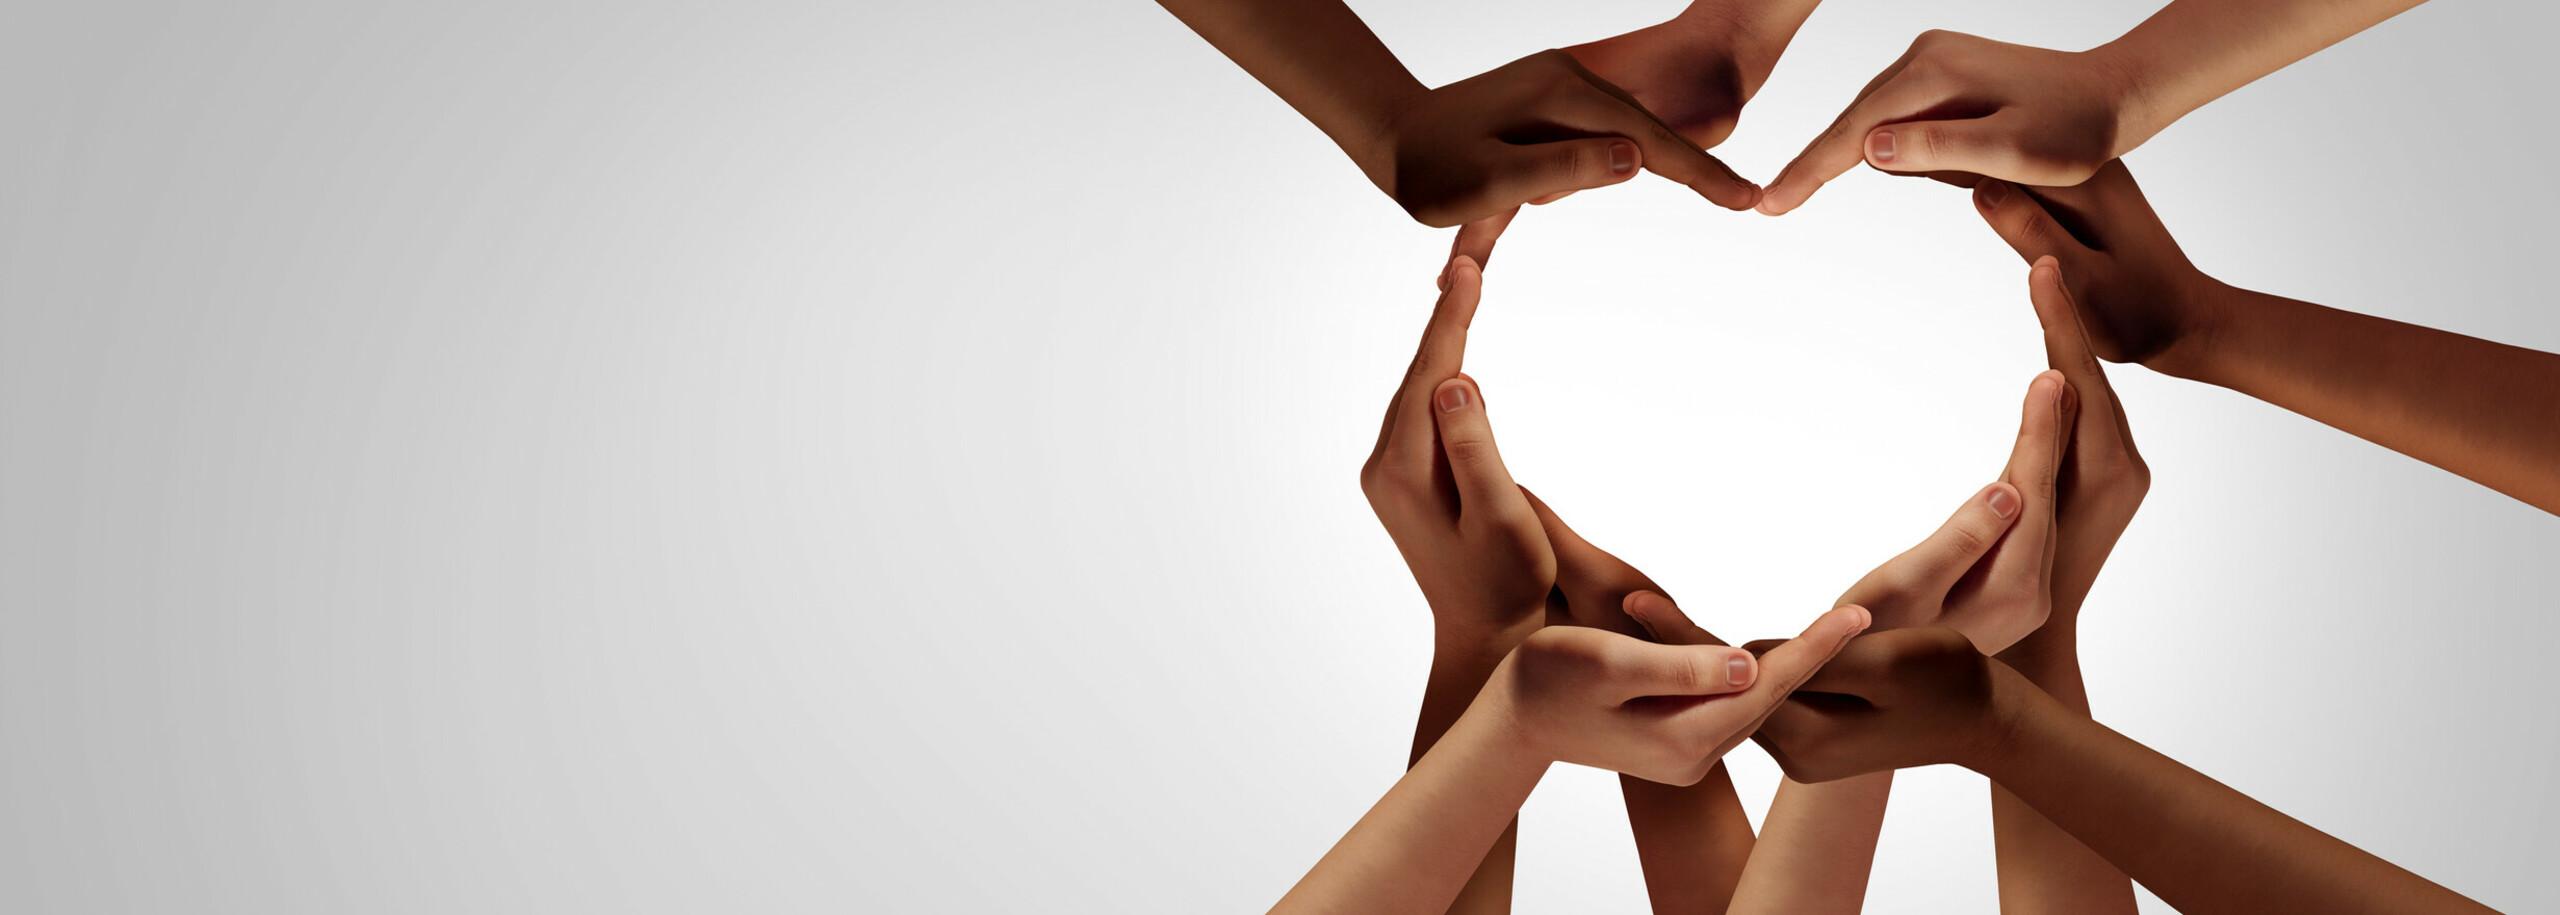 Abbildung Hände formen ein Herz